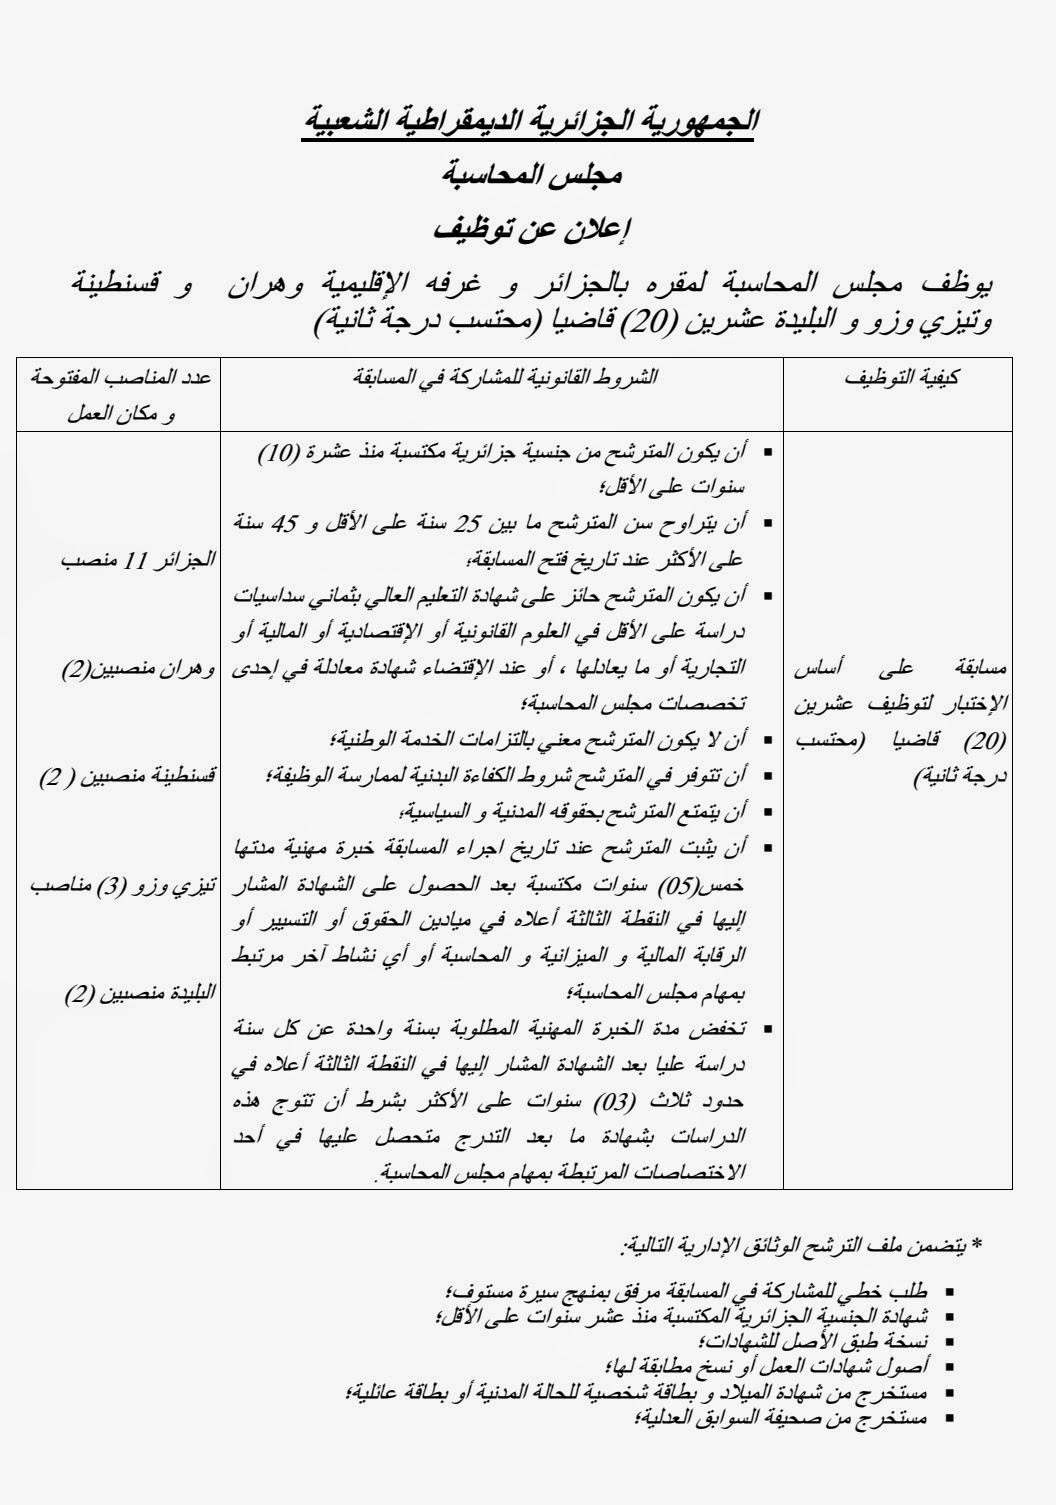 التوظيف في الجزائر : مسابقة توظيف 20 منصب في مجلس المحاسبة جويلية 2014